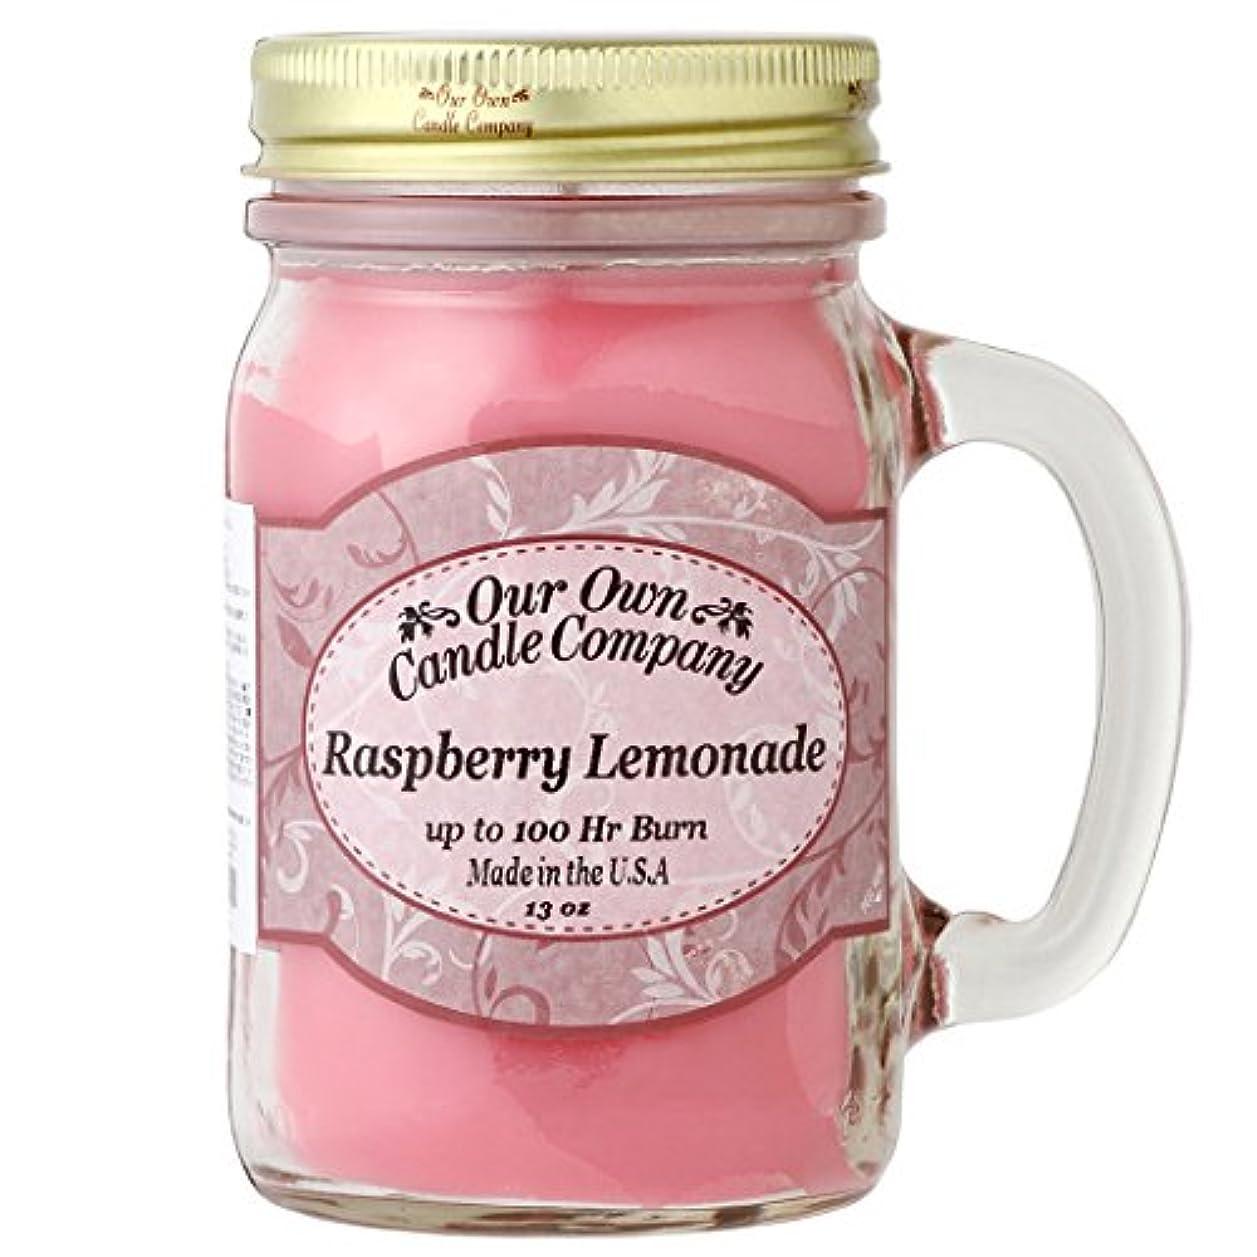 むさぼり食うネコプログレッシブOur Own Candle Company メイソンジャーキャンドル ラージサイズ ラズベリーレモネード OU100096